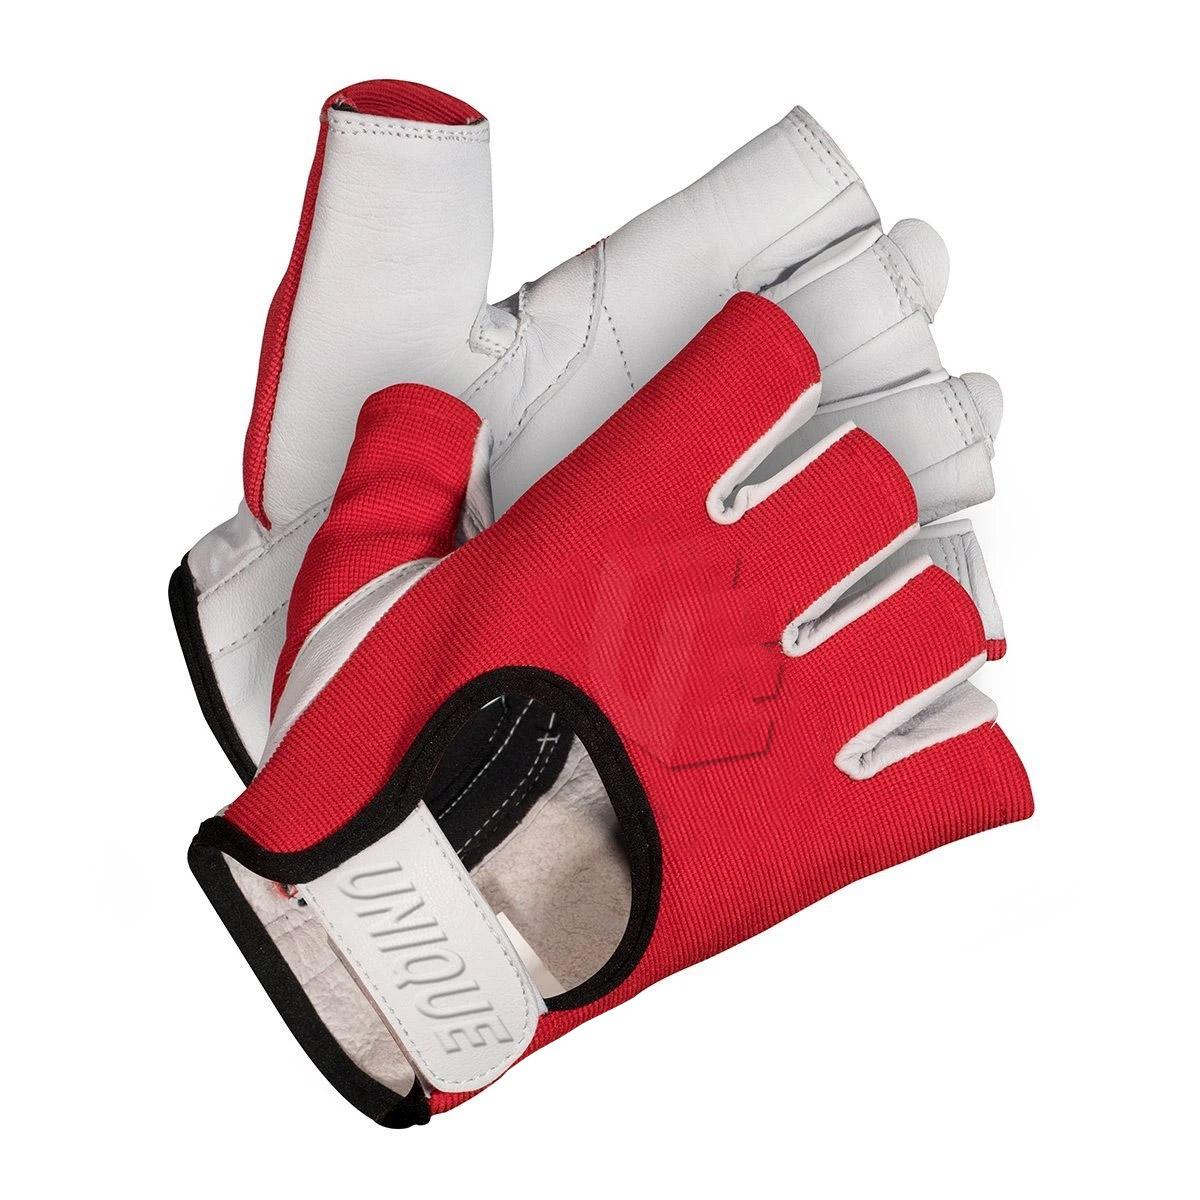 Natural Goat Skin Leather Half Finger Glove